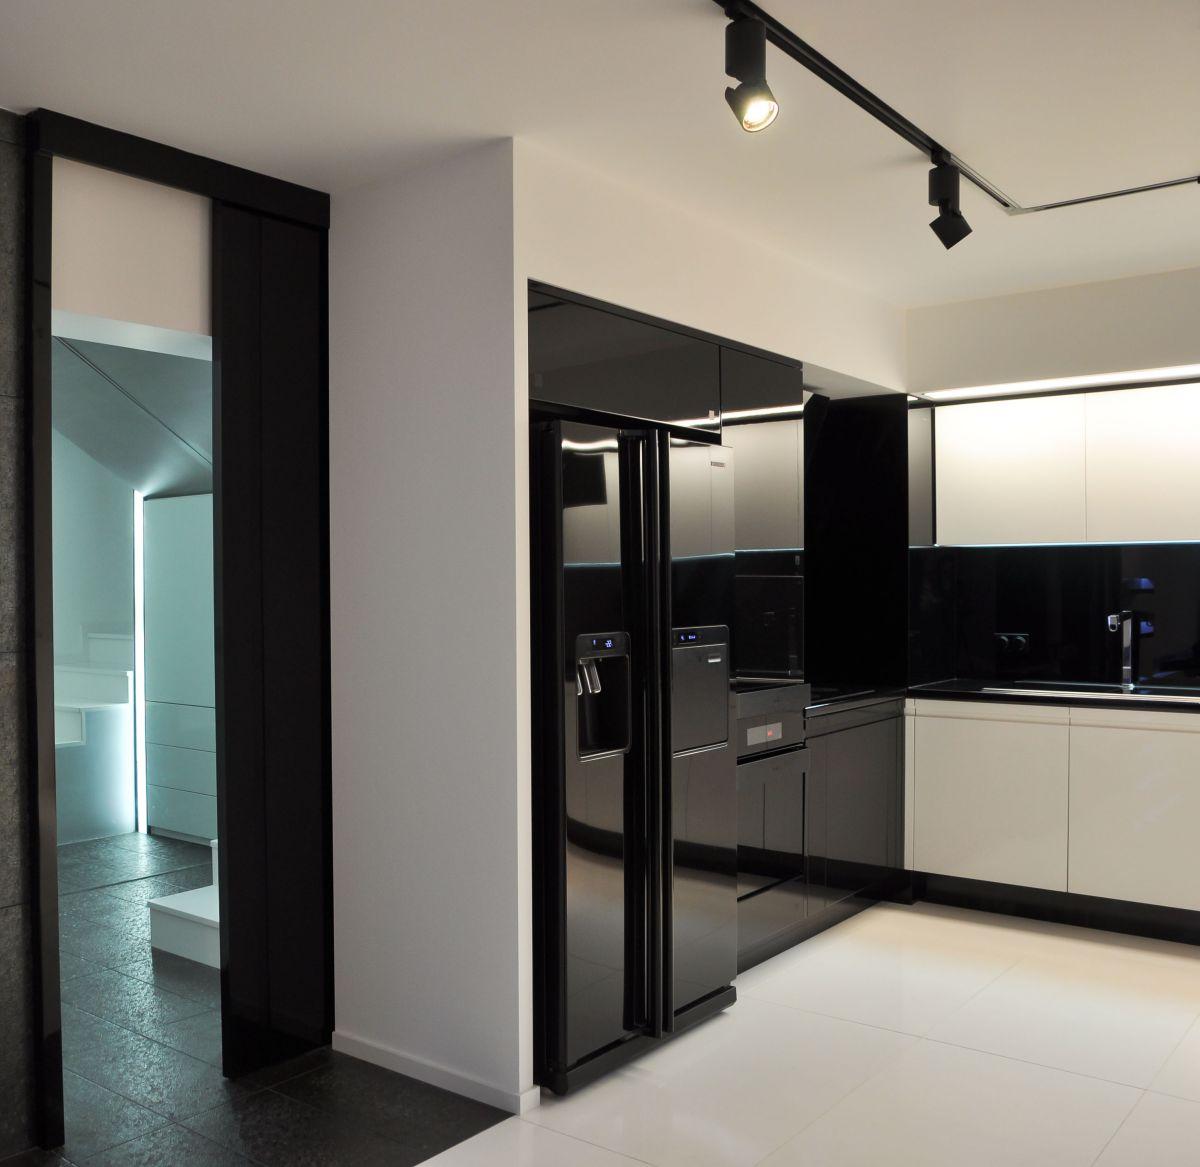 Kitchen, Black Fridge Freezer, Apartment Interior by Jovo Bozhinovski